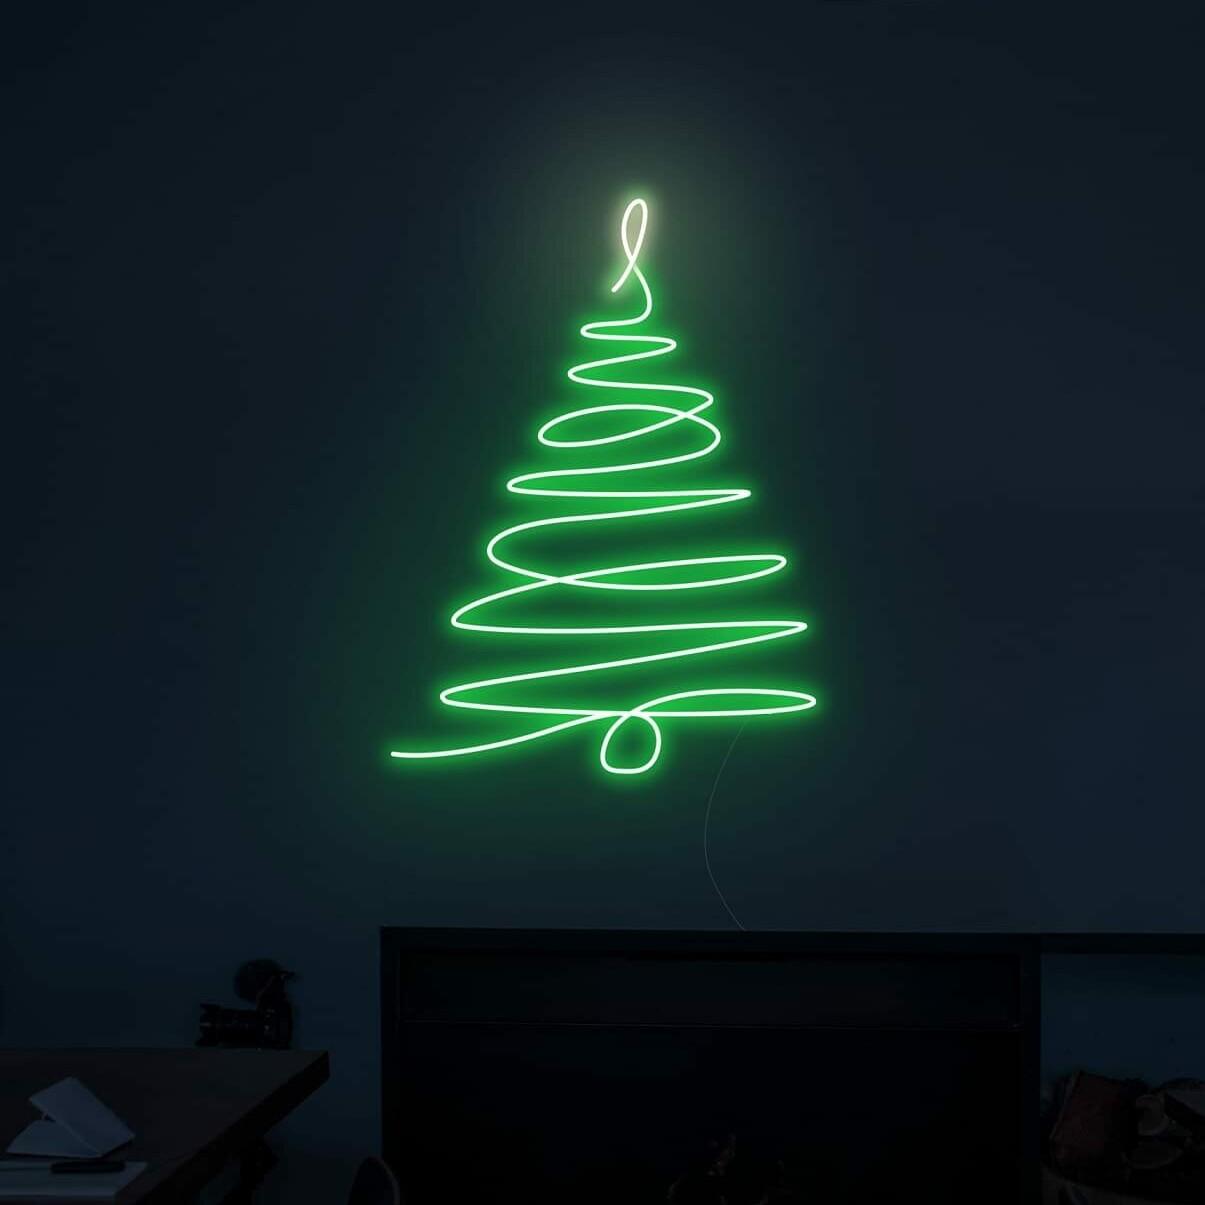 christmas tree neon sign